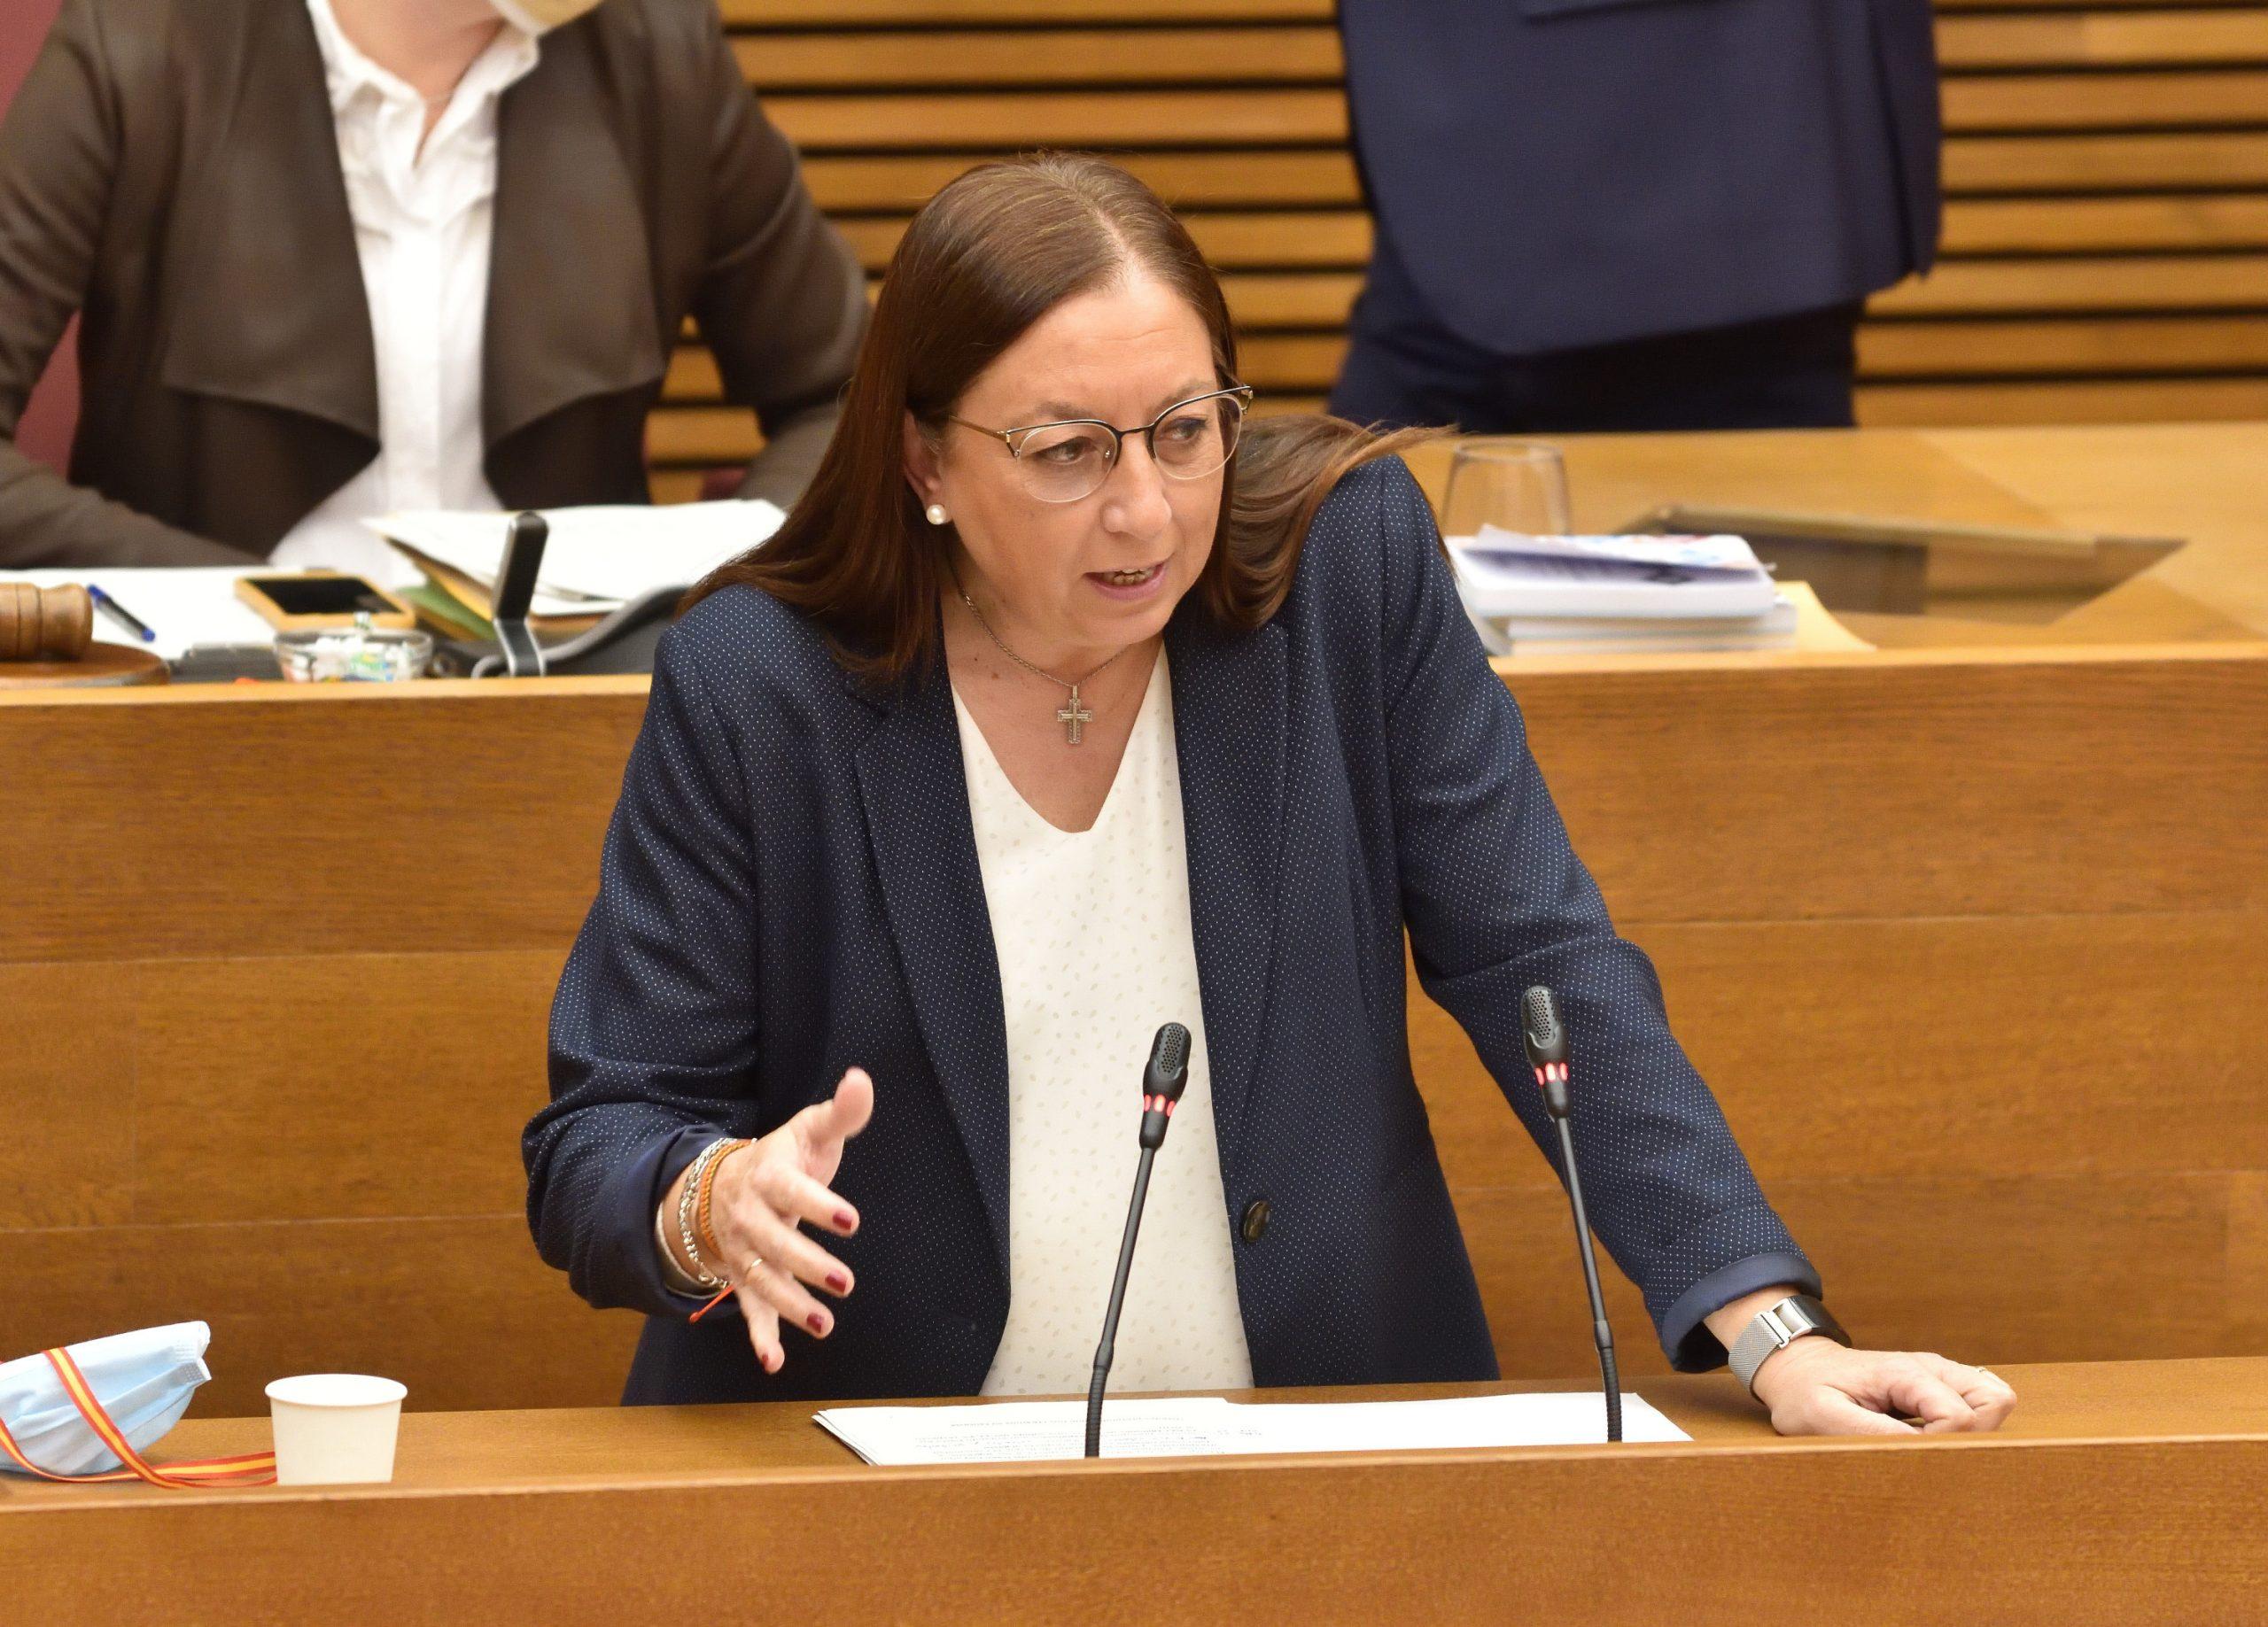 Massó (VOX) insta al conseller de Economía a «eliminar el despilfarro del Botánico con 20 millones en asesores «